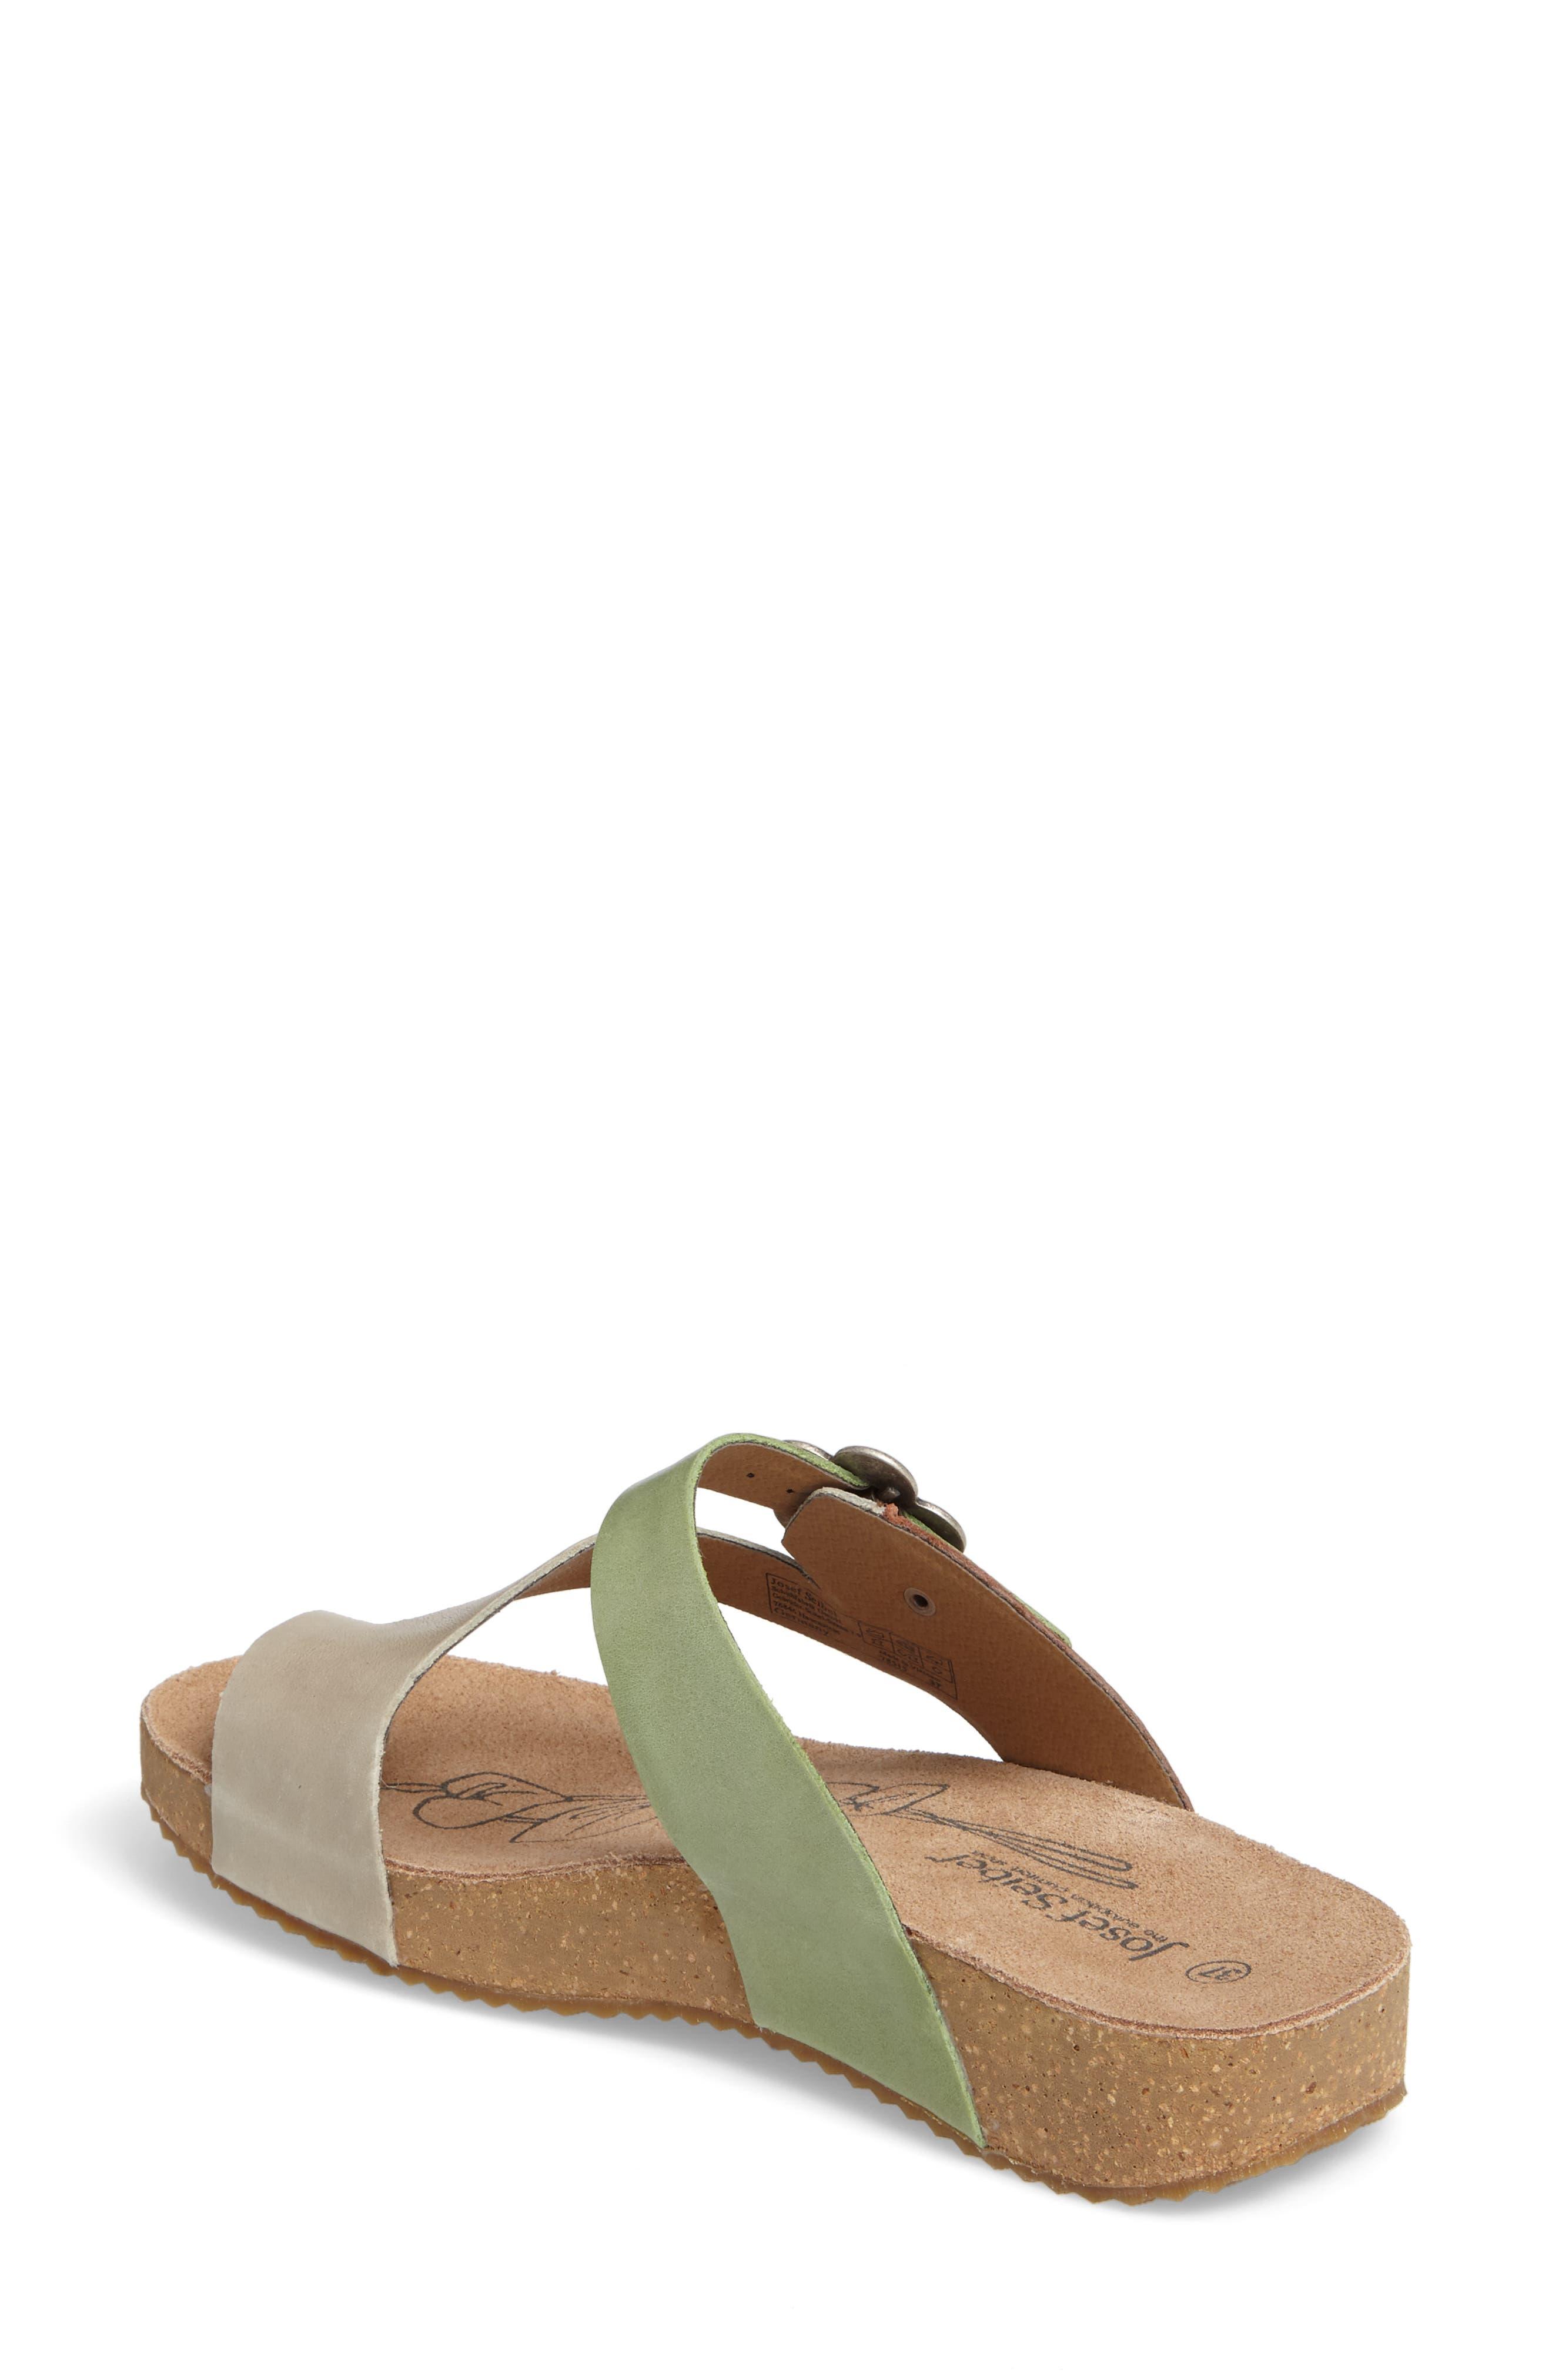 Tonga 23 Sandal,                             Alternate thumbnail 2, color,                             Grey Multi Leather